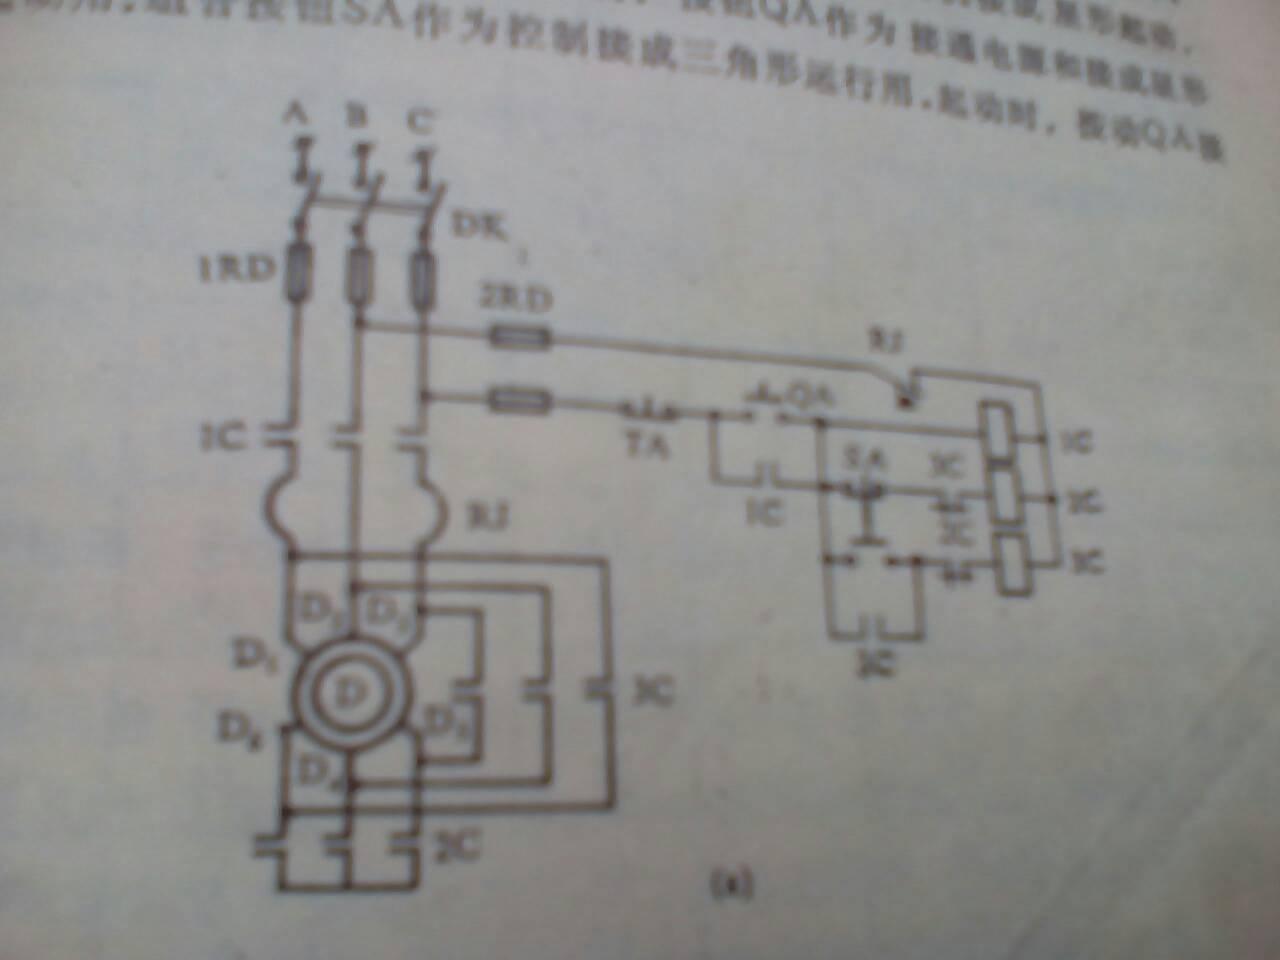 星三角启动,怎么接线电机都是一个方向转动.谁能给张原理图?